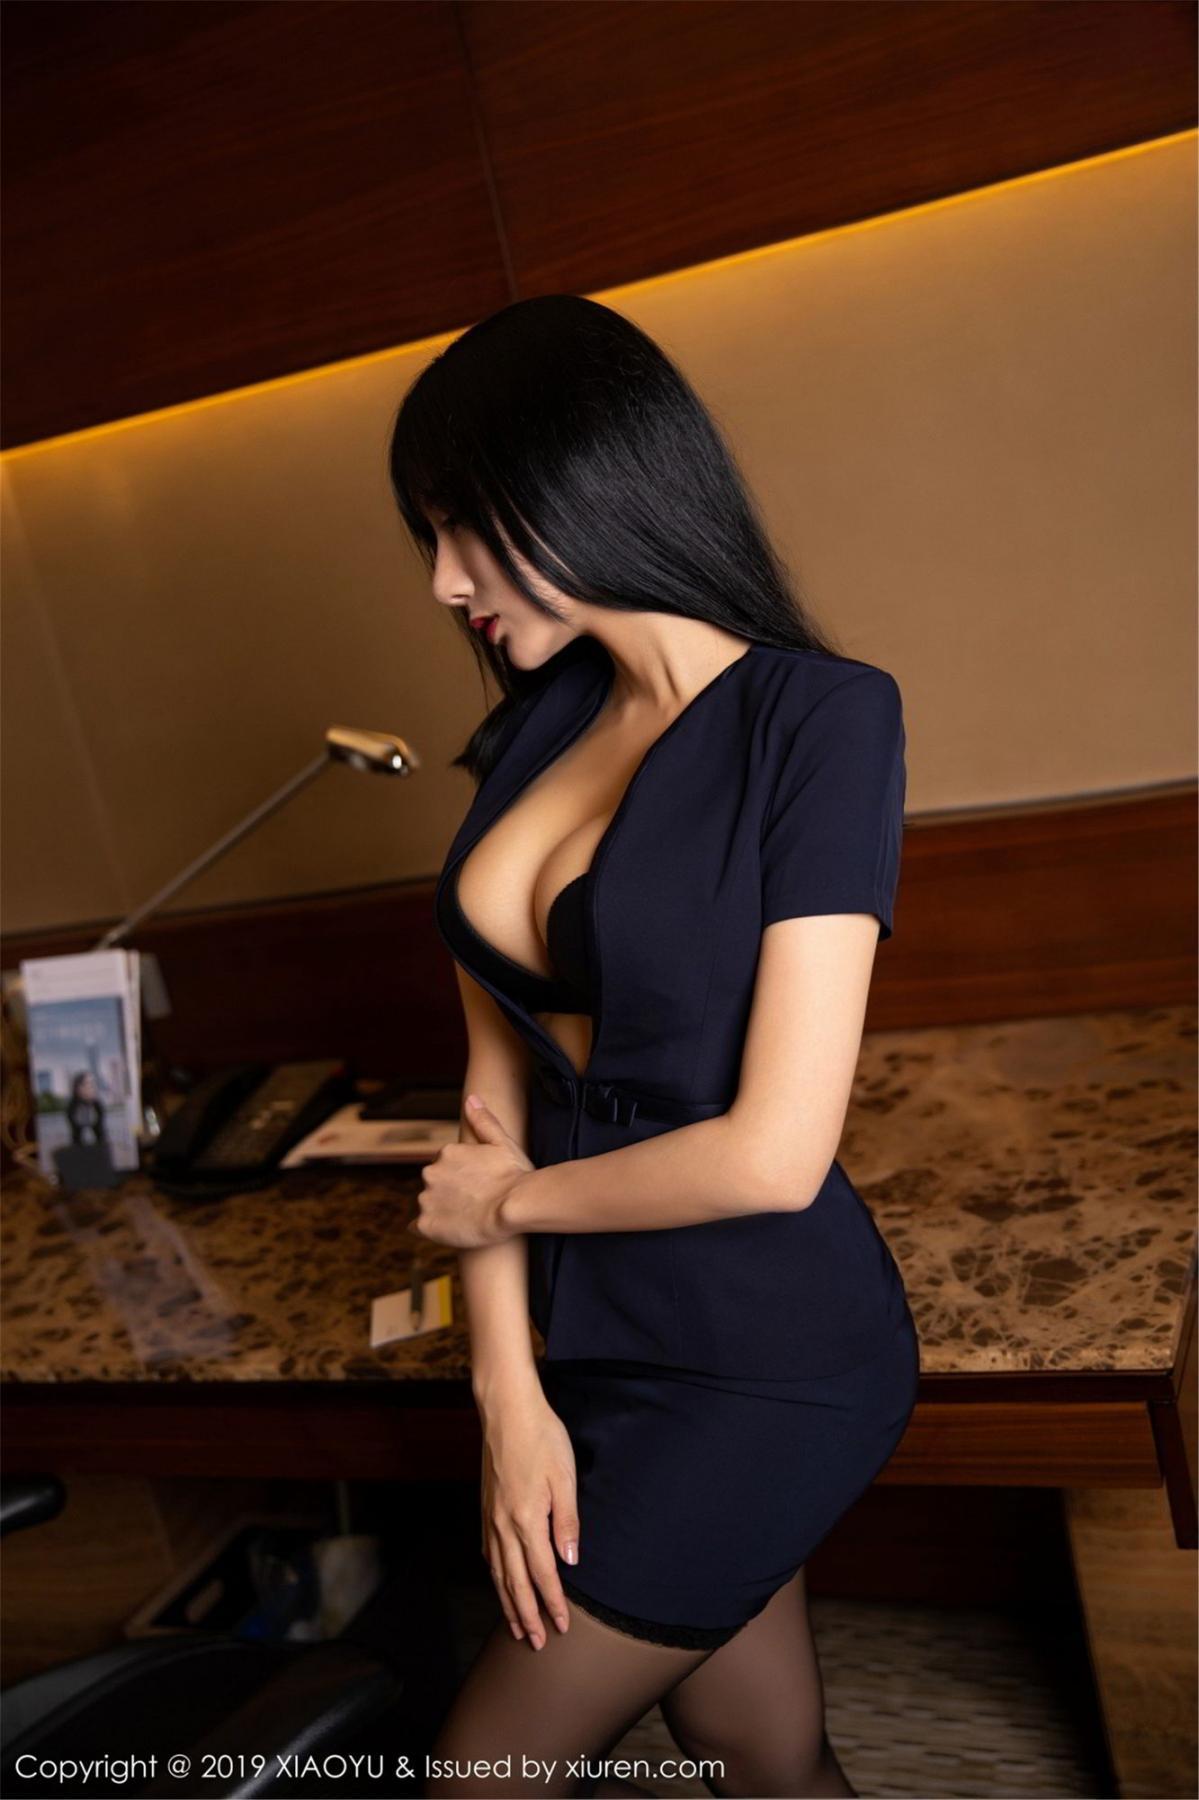 [XiaoYu] Vol.068 He Jia Ying 2P, Black Silk, He Jia Ying, Uniform, XiaoYu